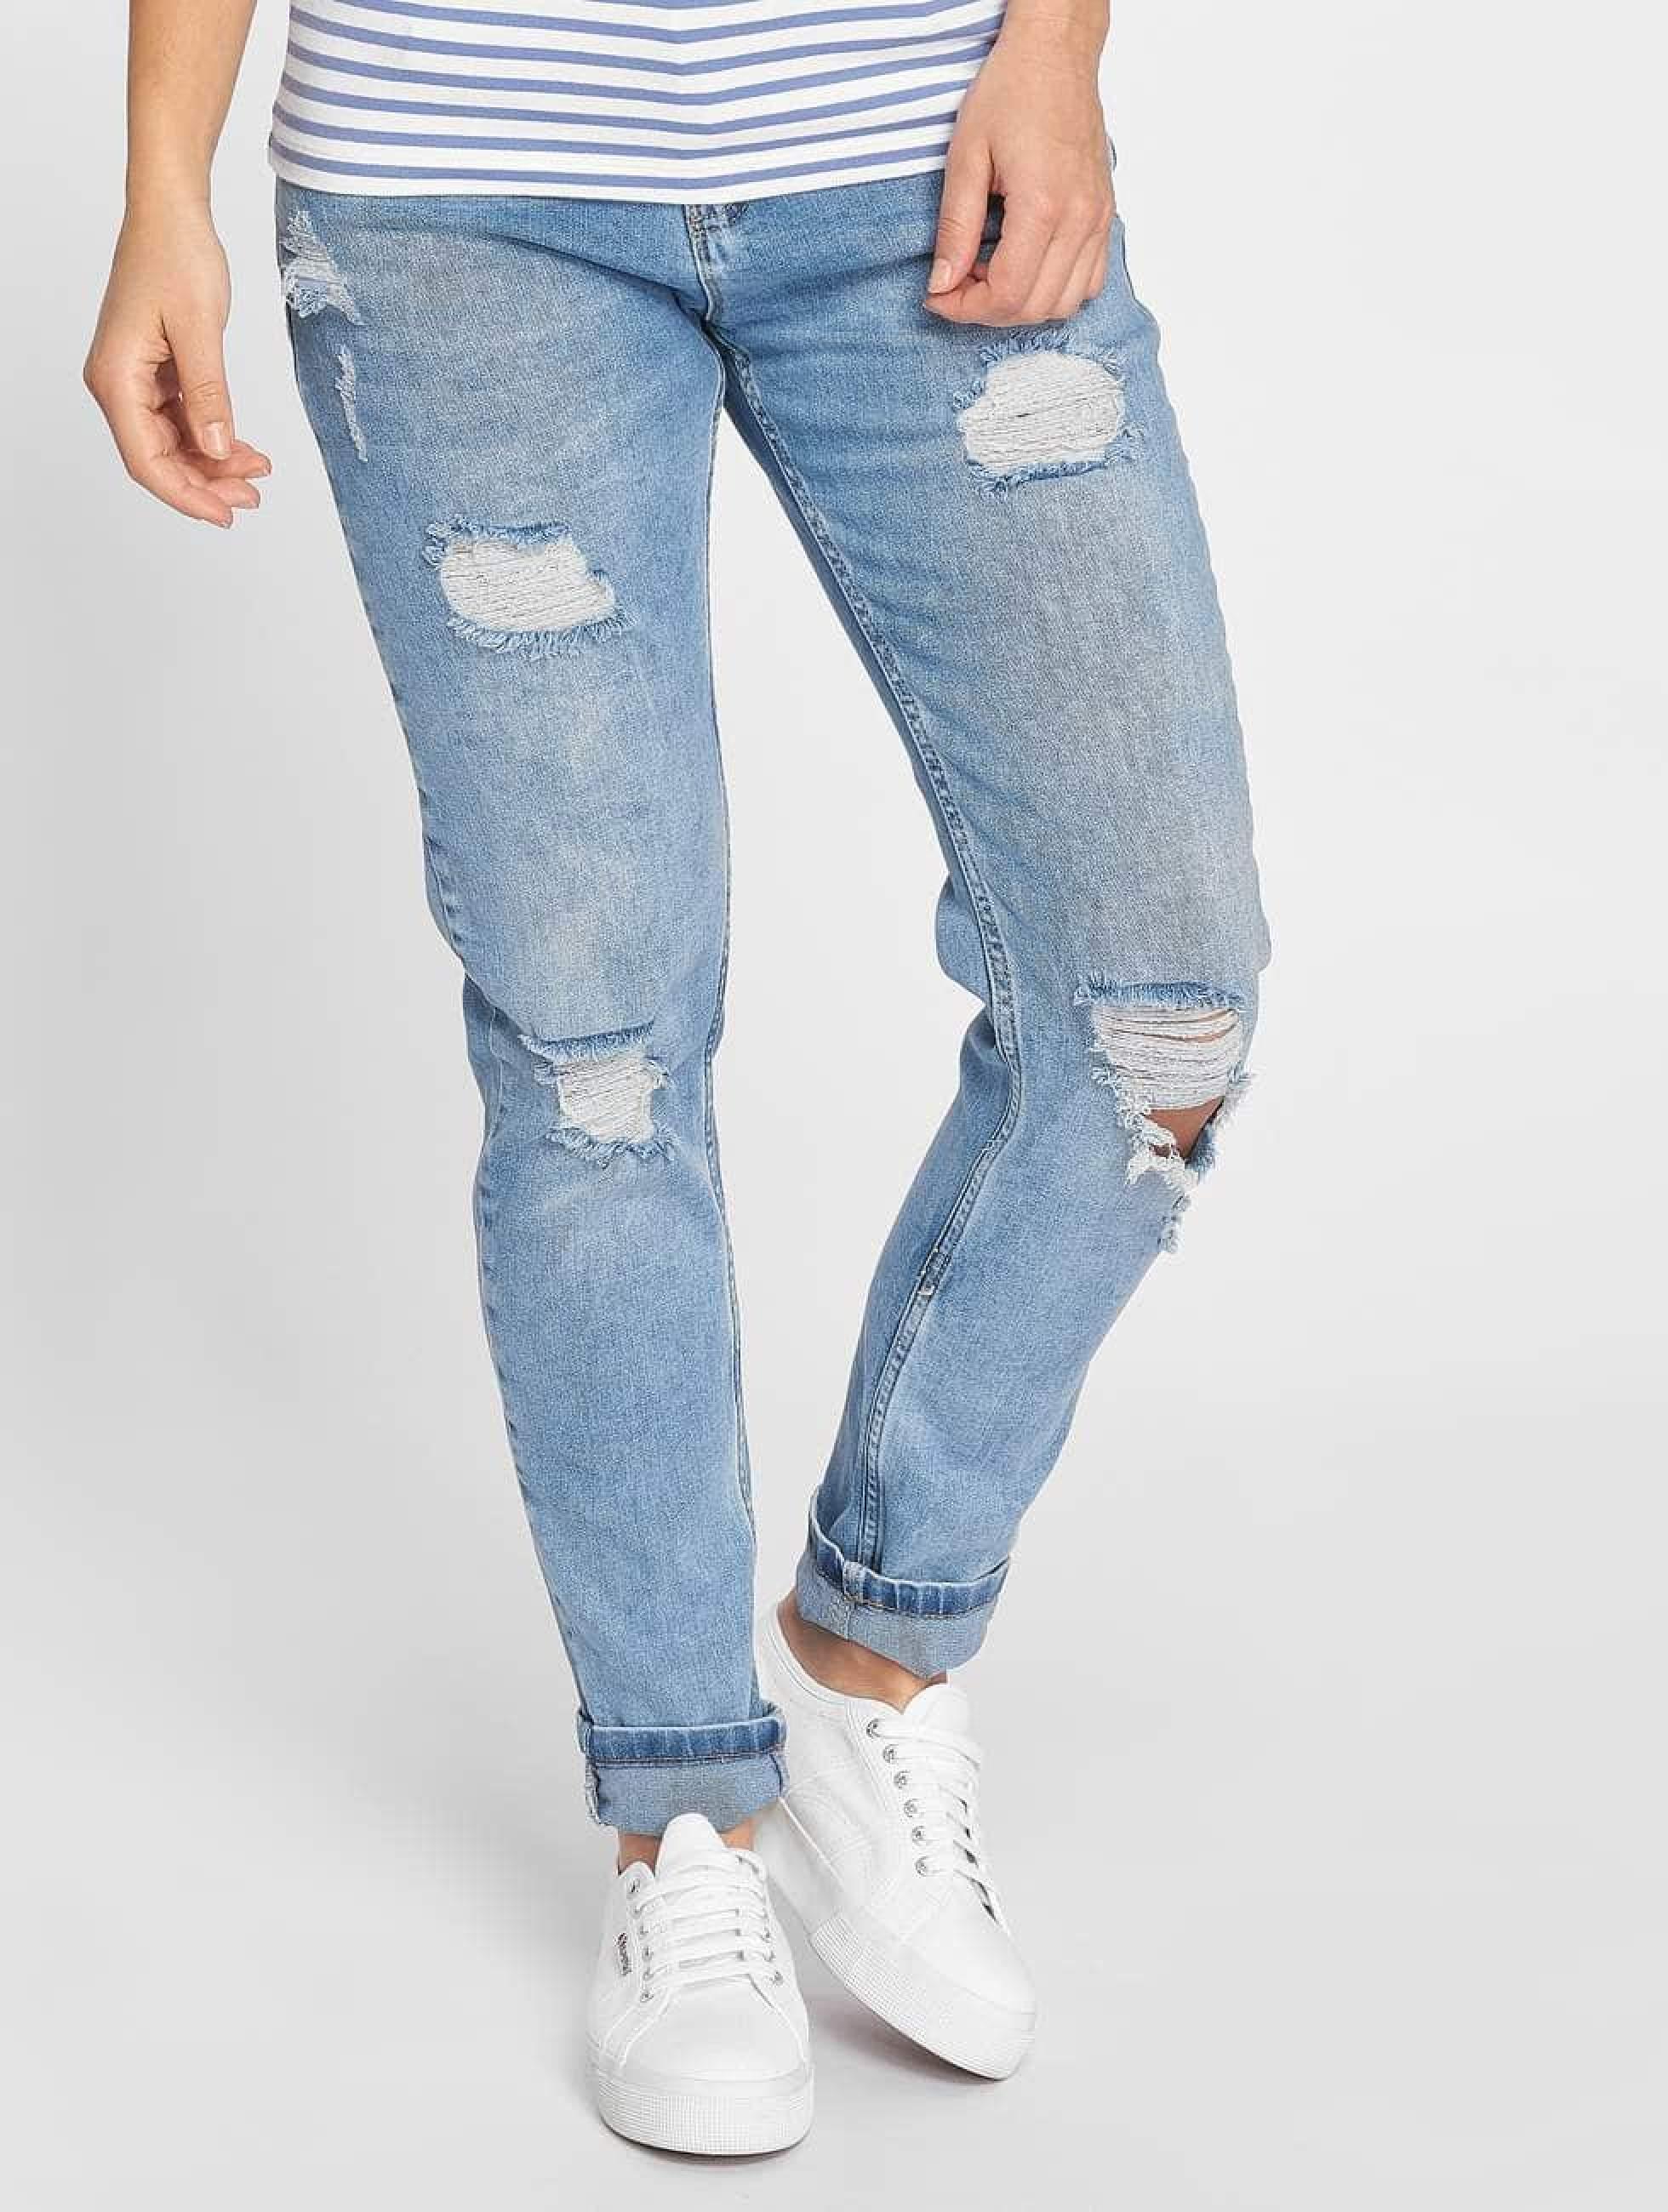 Just Rhyse / Boyfriend Jeans Bubbles in blue XL